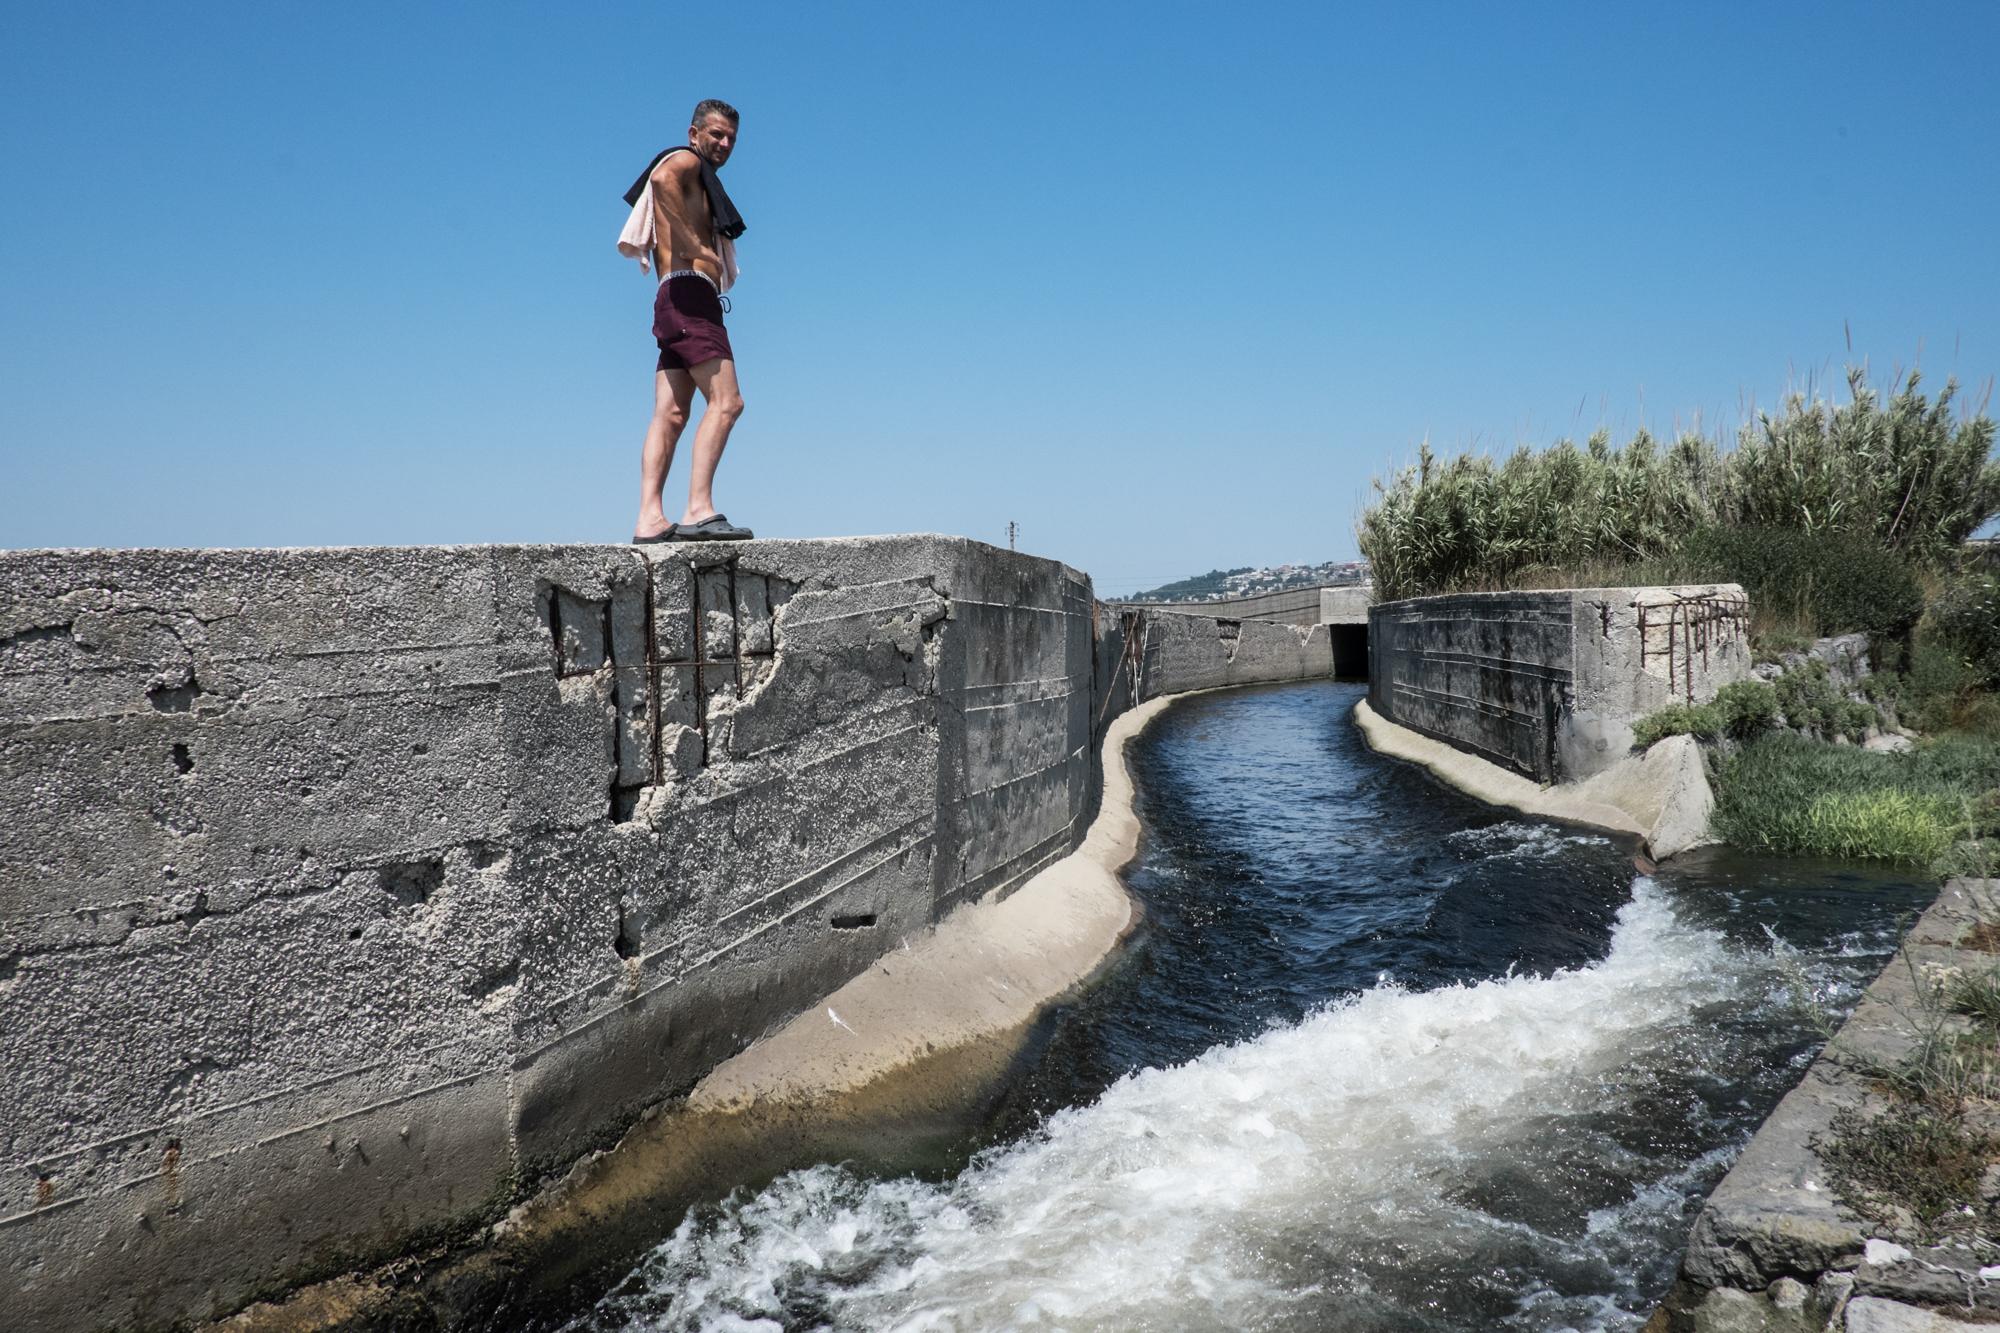 Depuratore di Cuma, Pozzuoli, (NA), 2015. E' uno dei più grandi depuratori della Campania; l'acqua porta con sè le sostanze tossiche rilasciate dalla zona industriale di Giugliano.